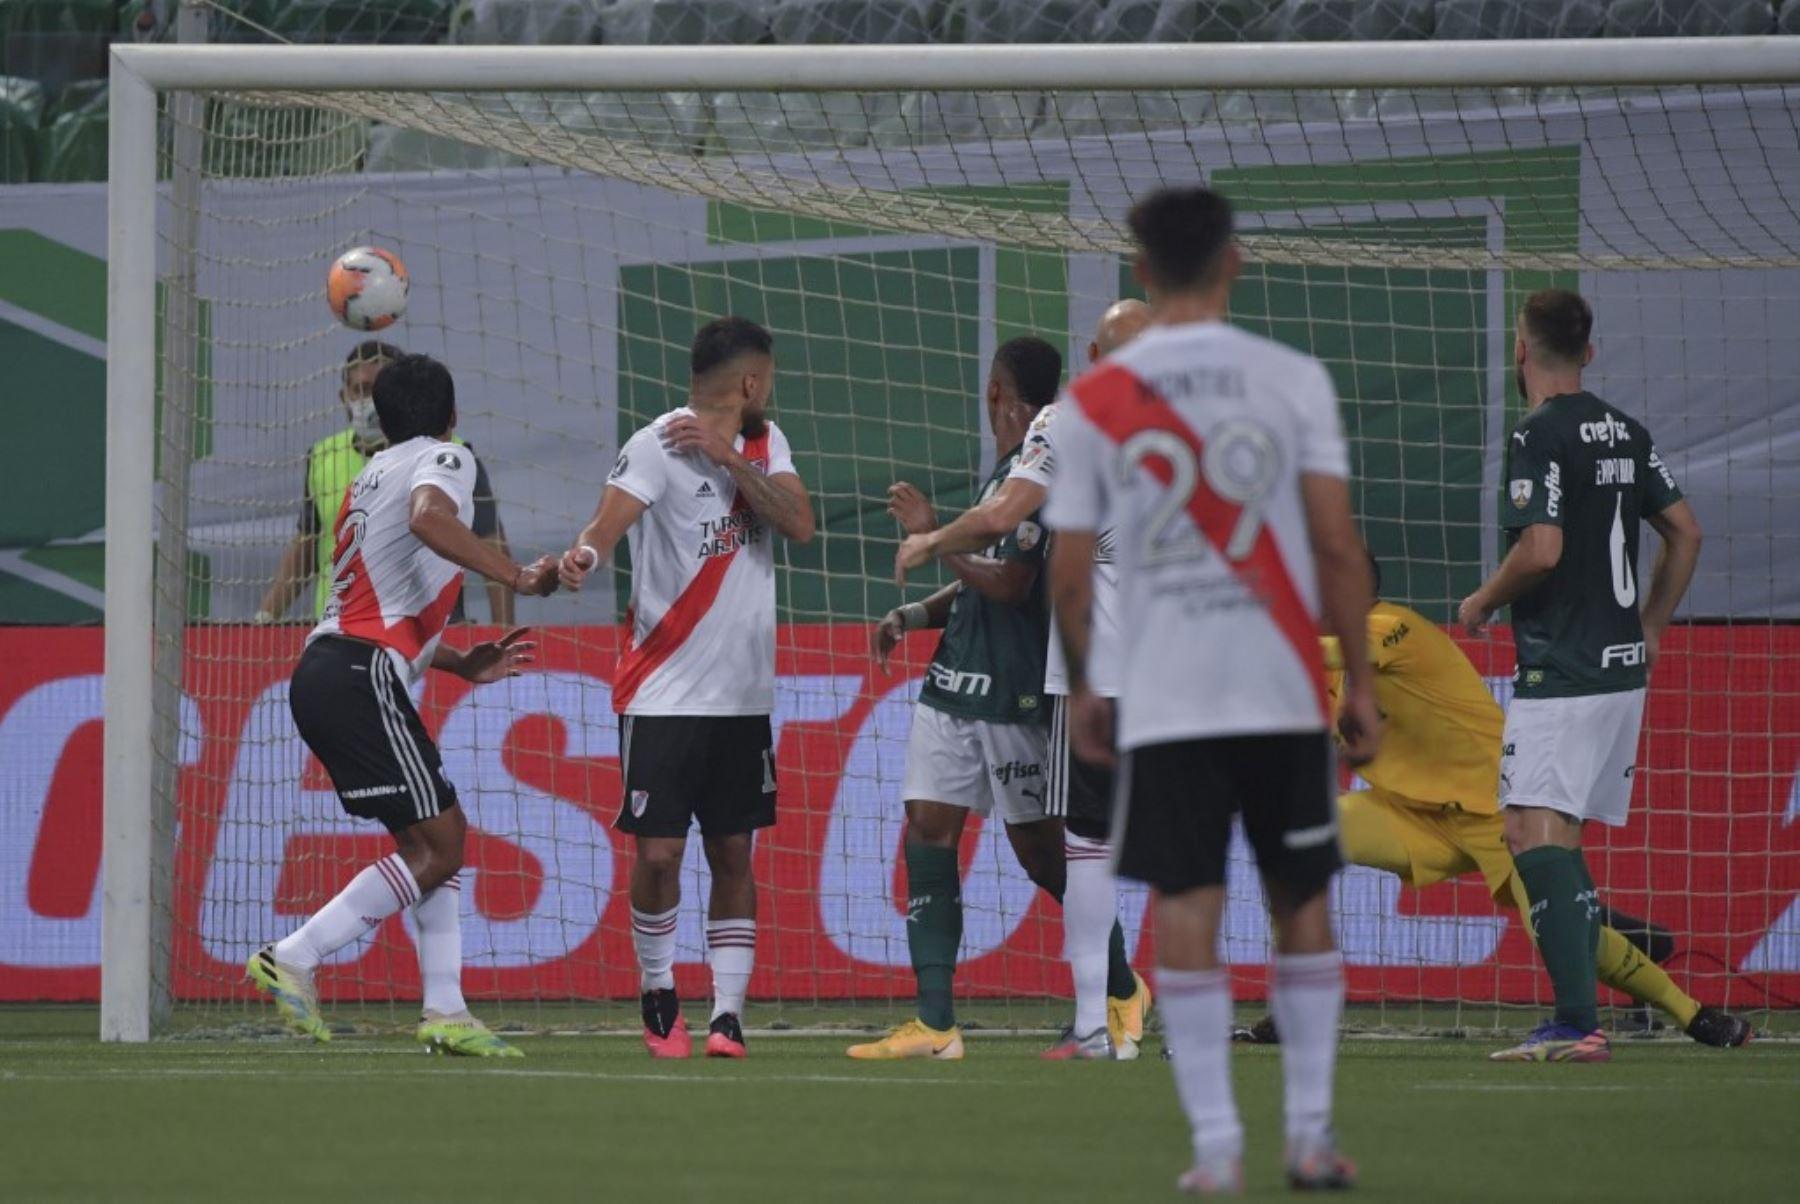 El jugador de River Plate, el paraguayo Robert Rojas anota un cabezazo contra el Palmeiras de Brasil durante la semifinal de la Copa Libertadores en el estadio Allianz Parque en Sao Paulo, Brasil. Foto: AFP